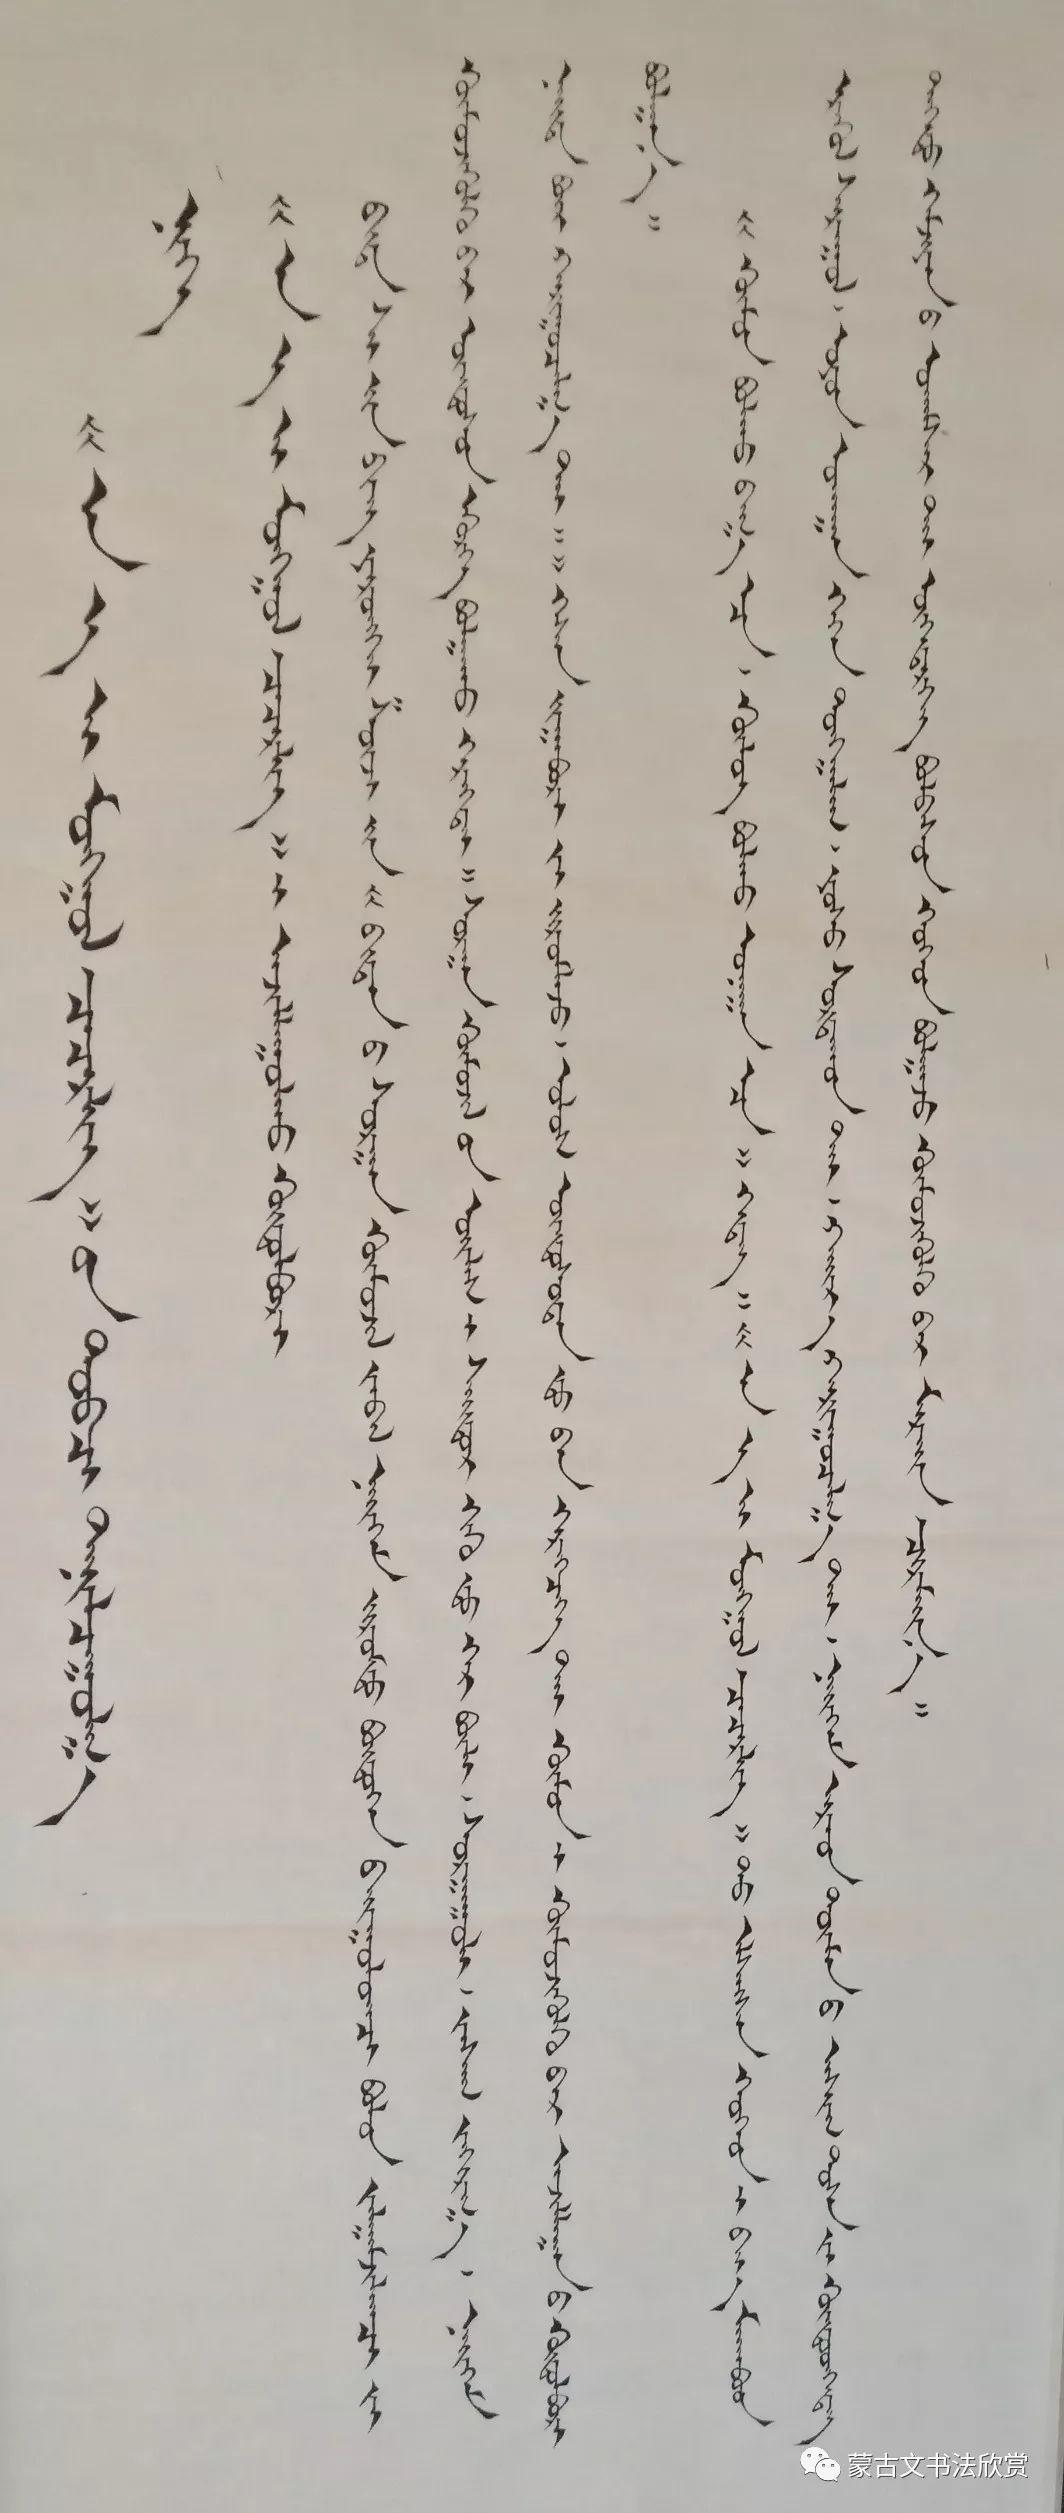 蒙古文书法欣赏——阿拉坦仓 第16张